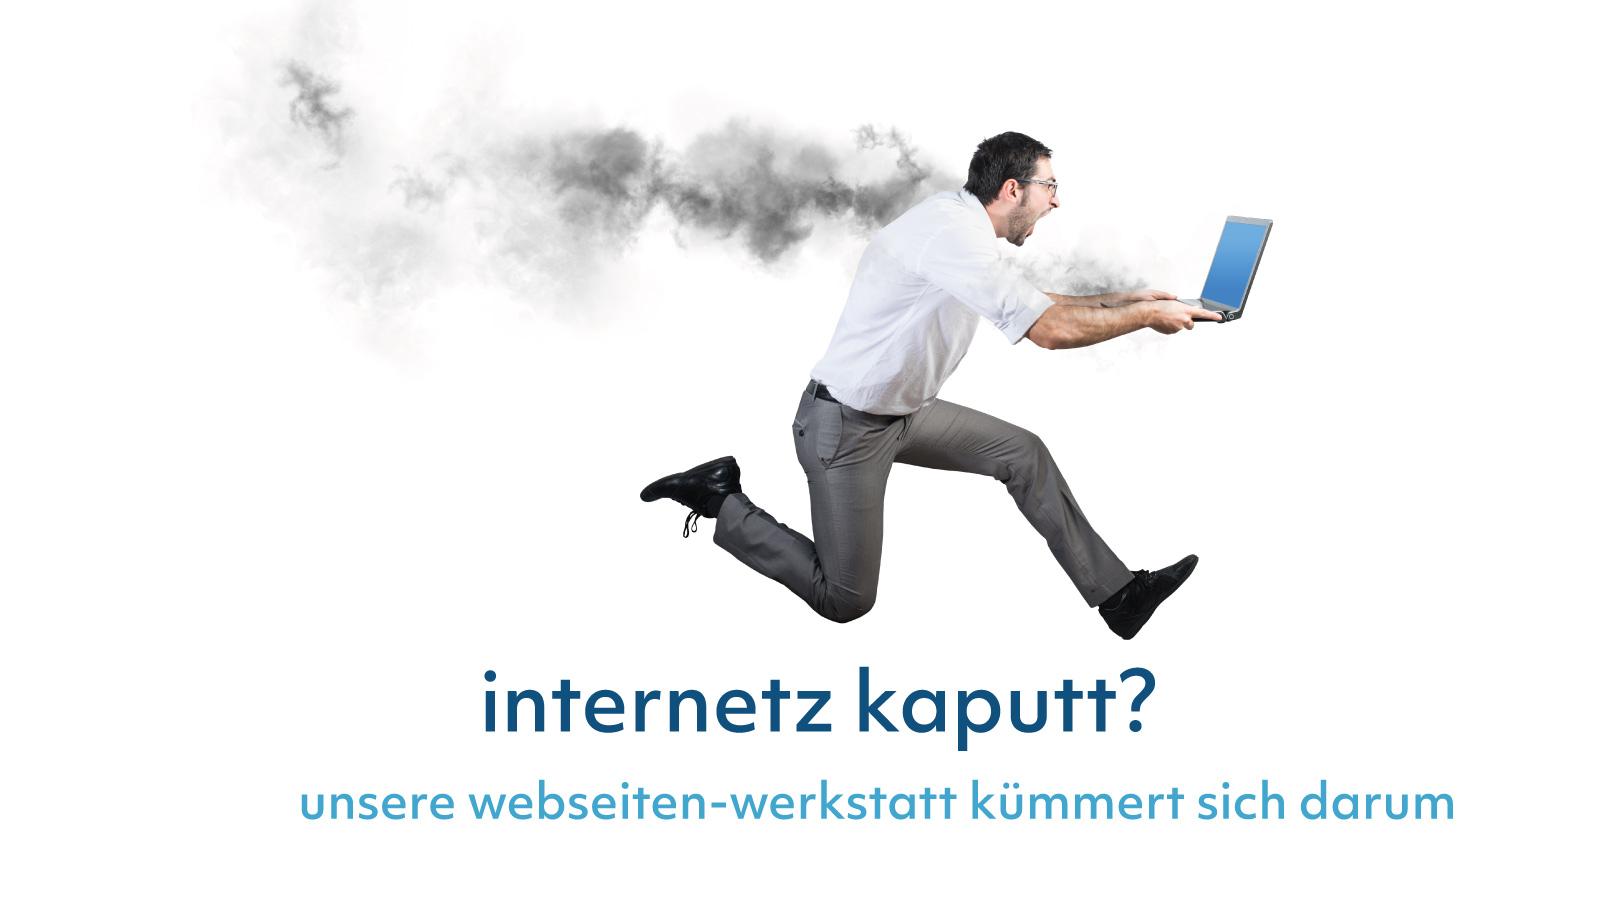 Internetz kaputt?